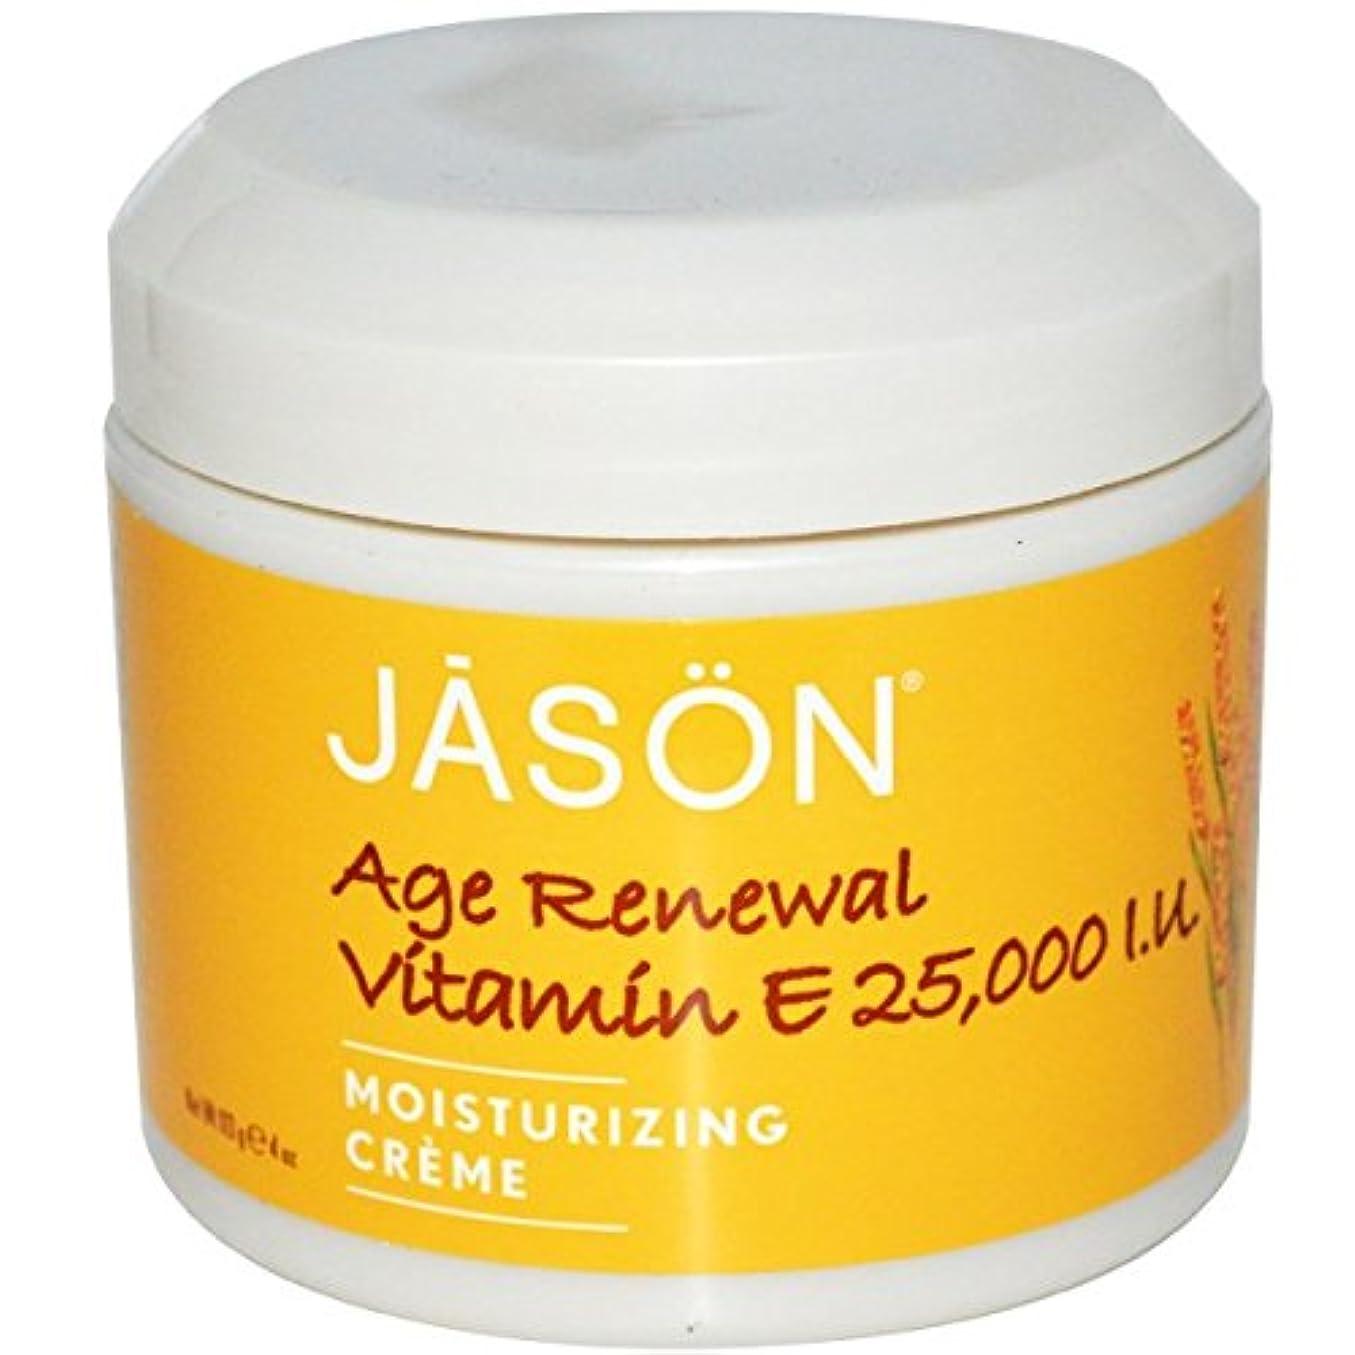 ごめんなさいゴミ箱を空にする溝[海外直送品] ジェイソンナチュラル(Jason Natural) 25,000 IU ビタミンE エイジリニューアルクリーム 113g